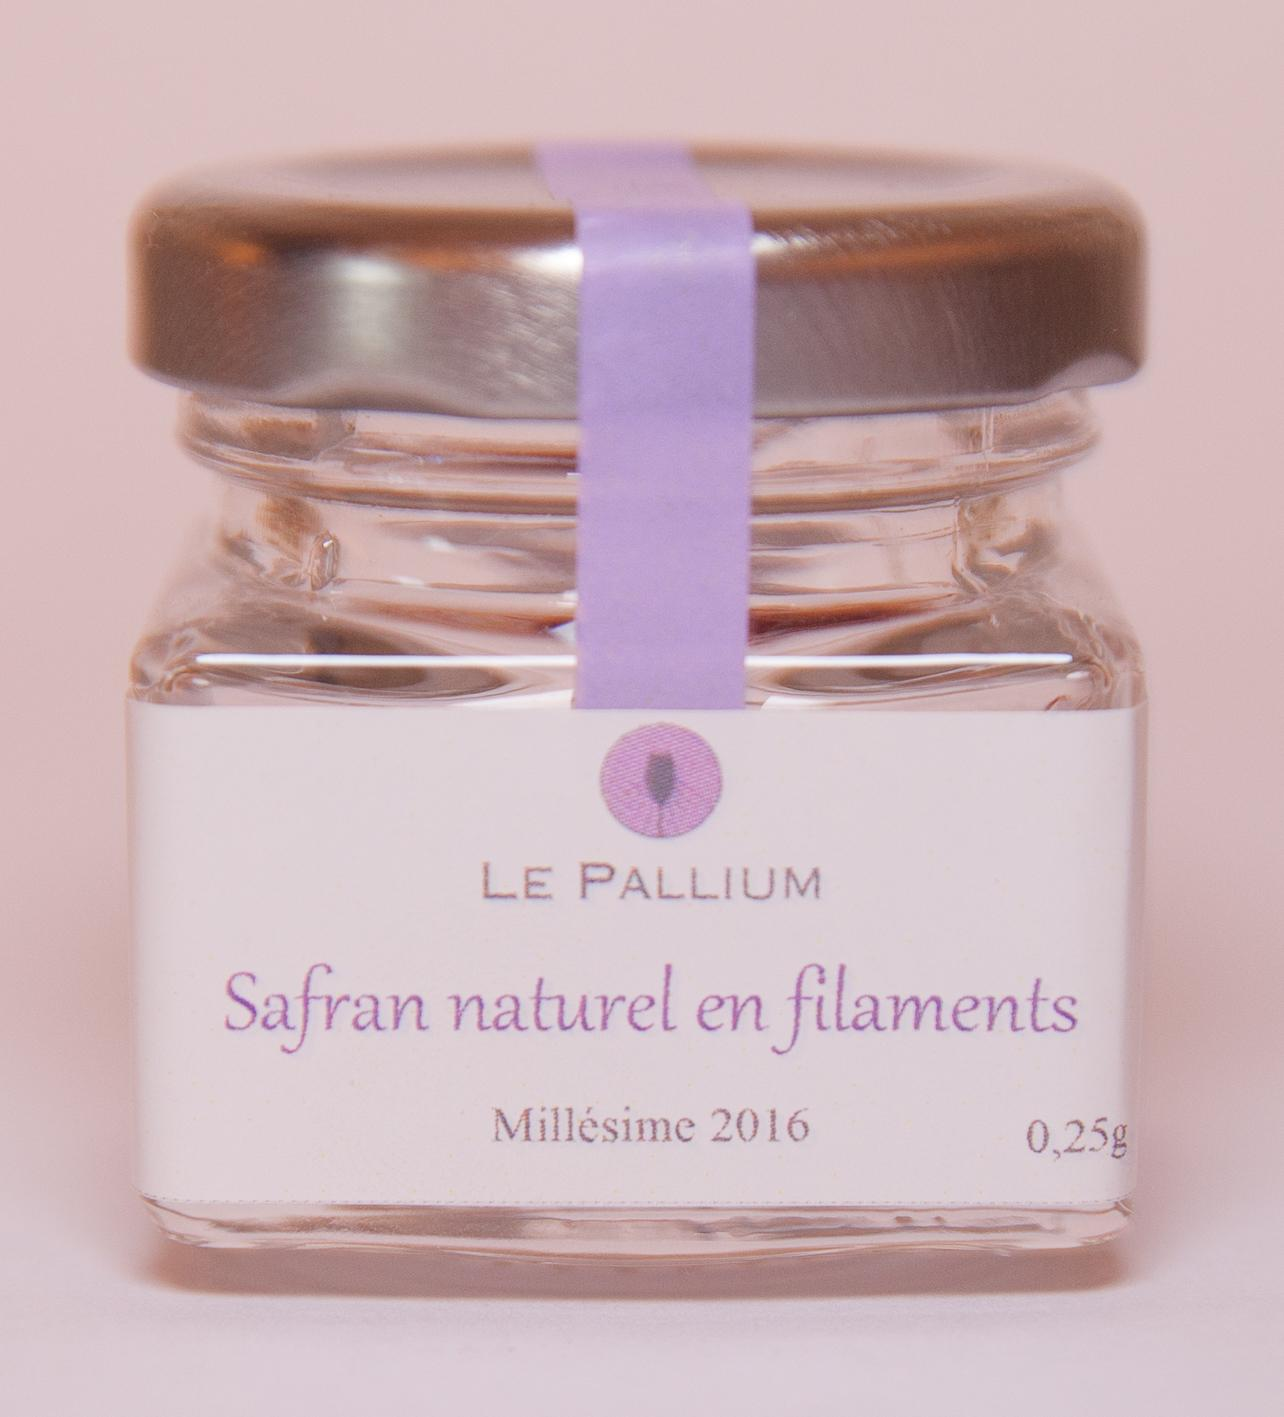 Safran naturel en filaments - Récolte 2016 - 0.25g